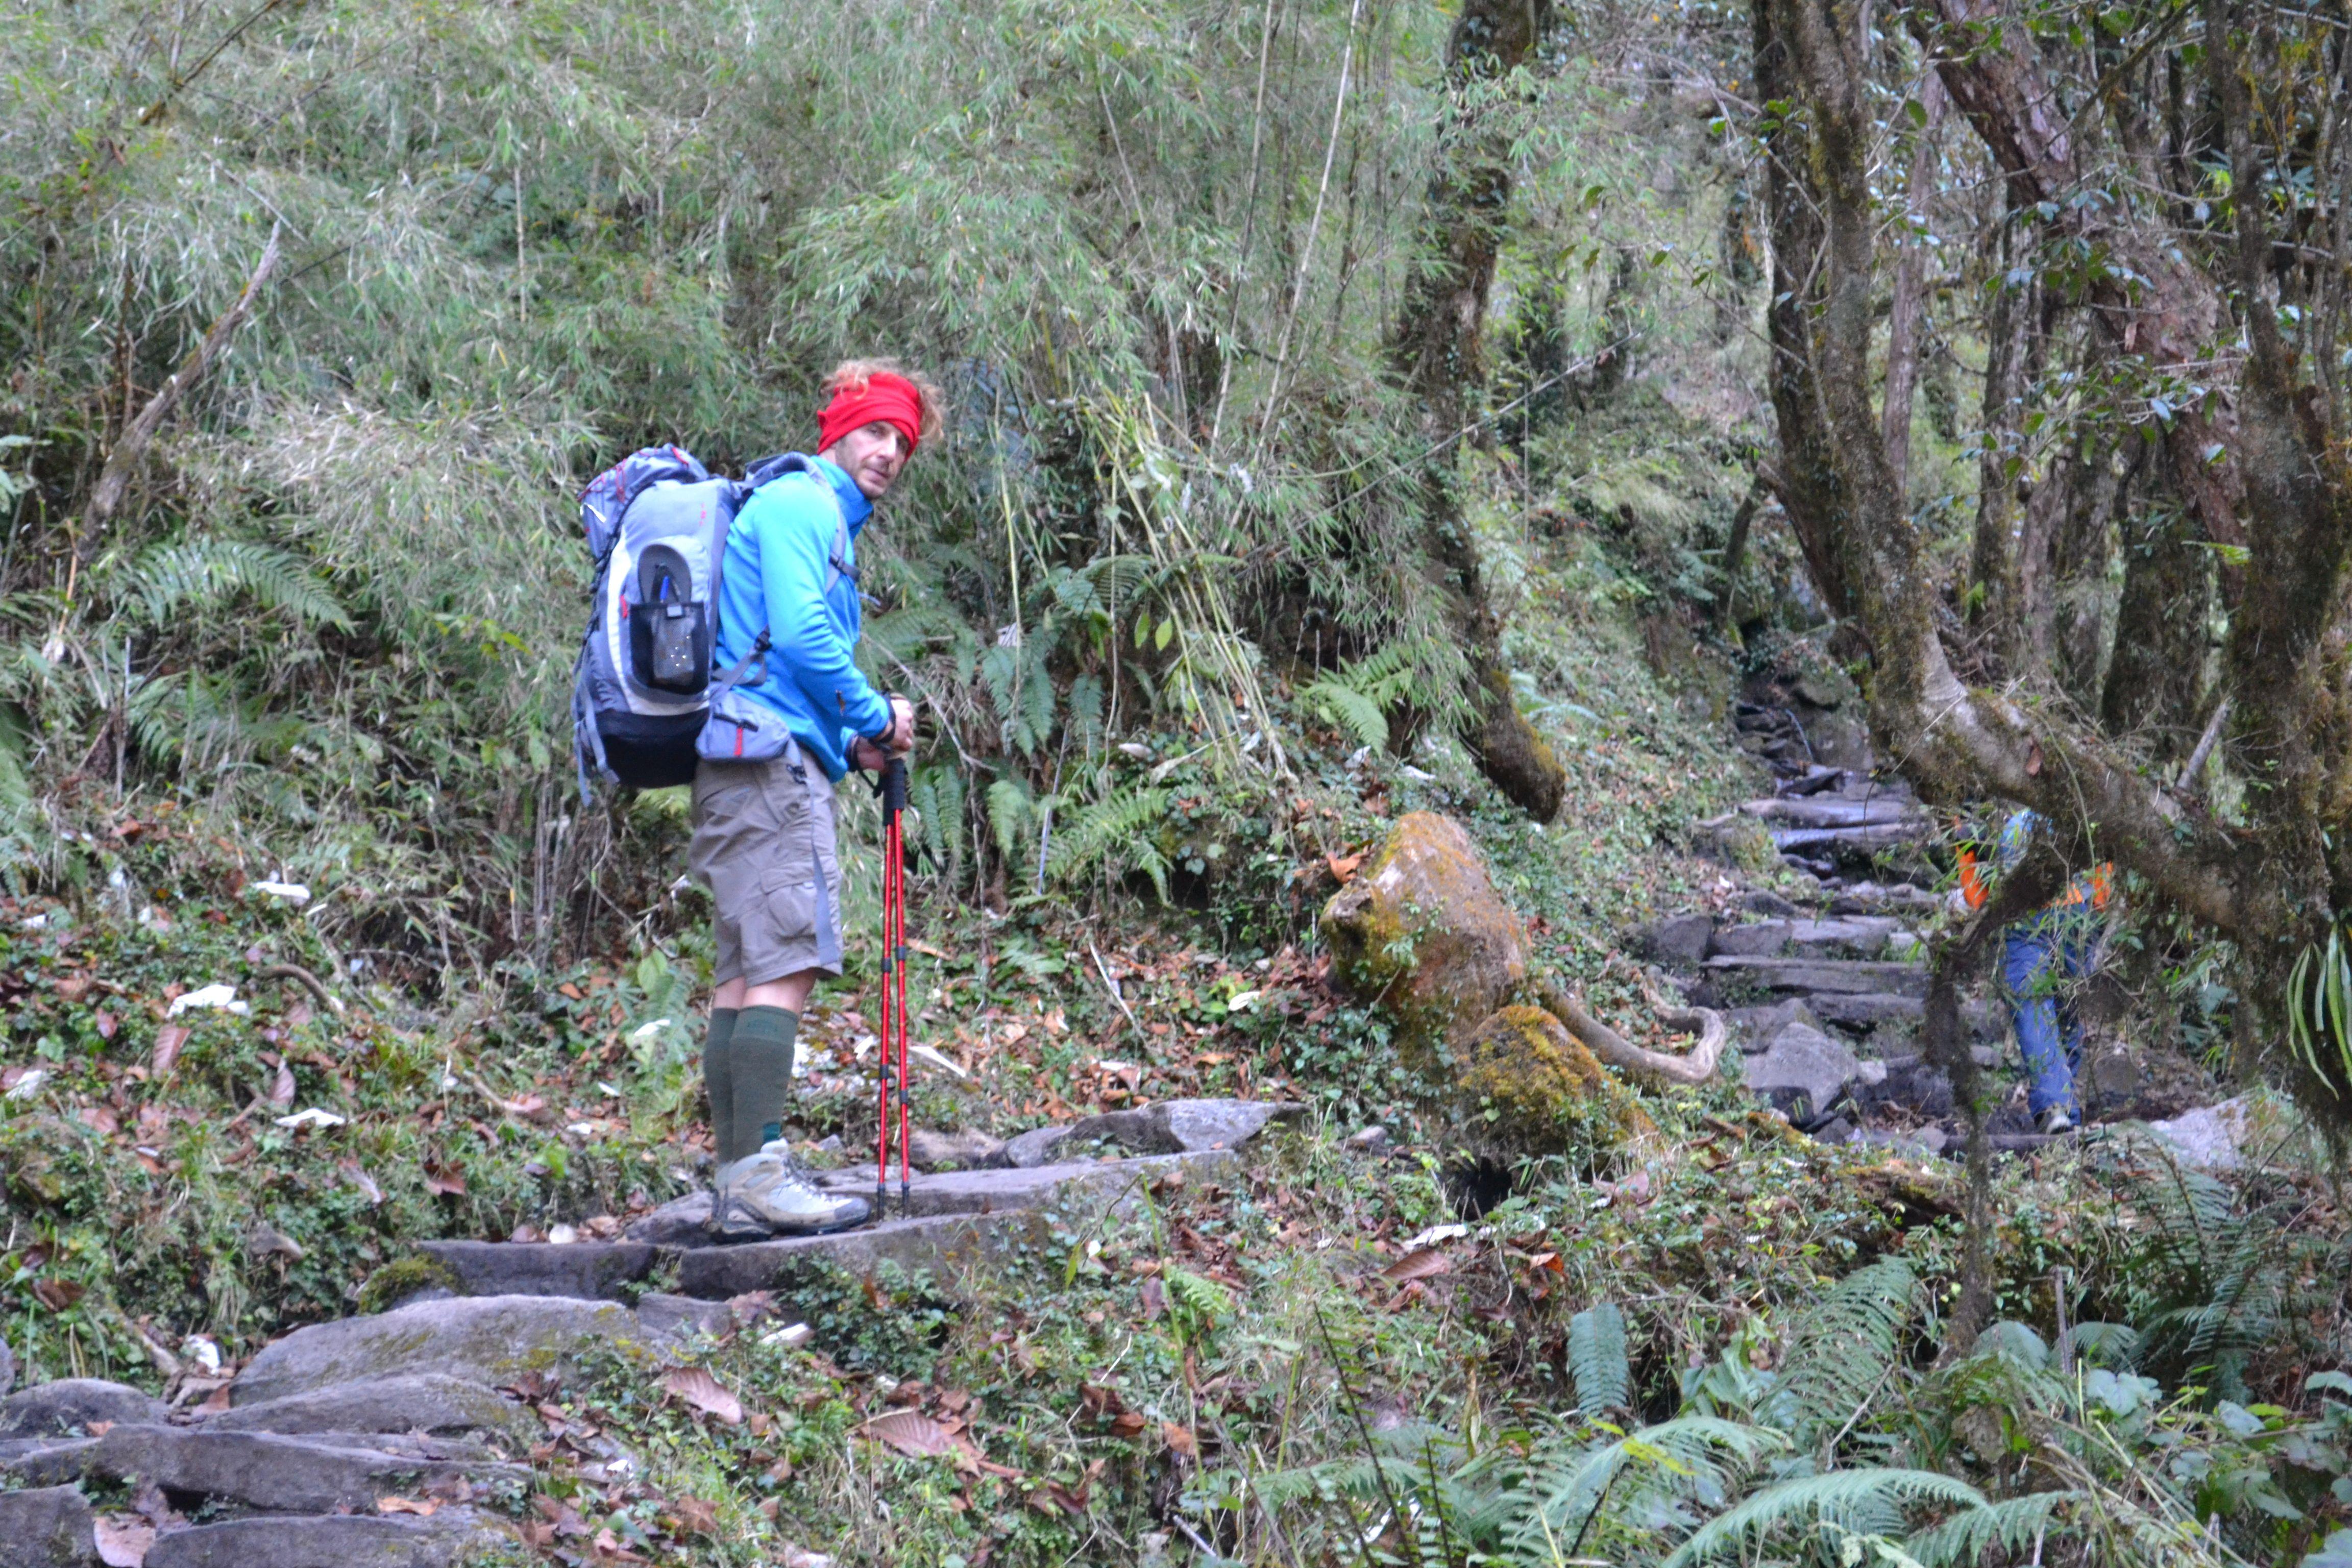 trekking 3.6